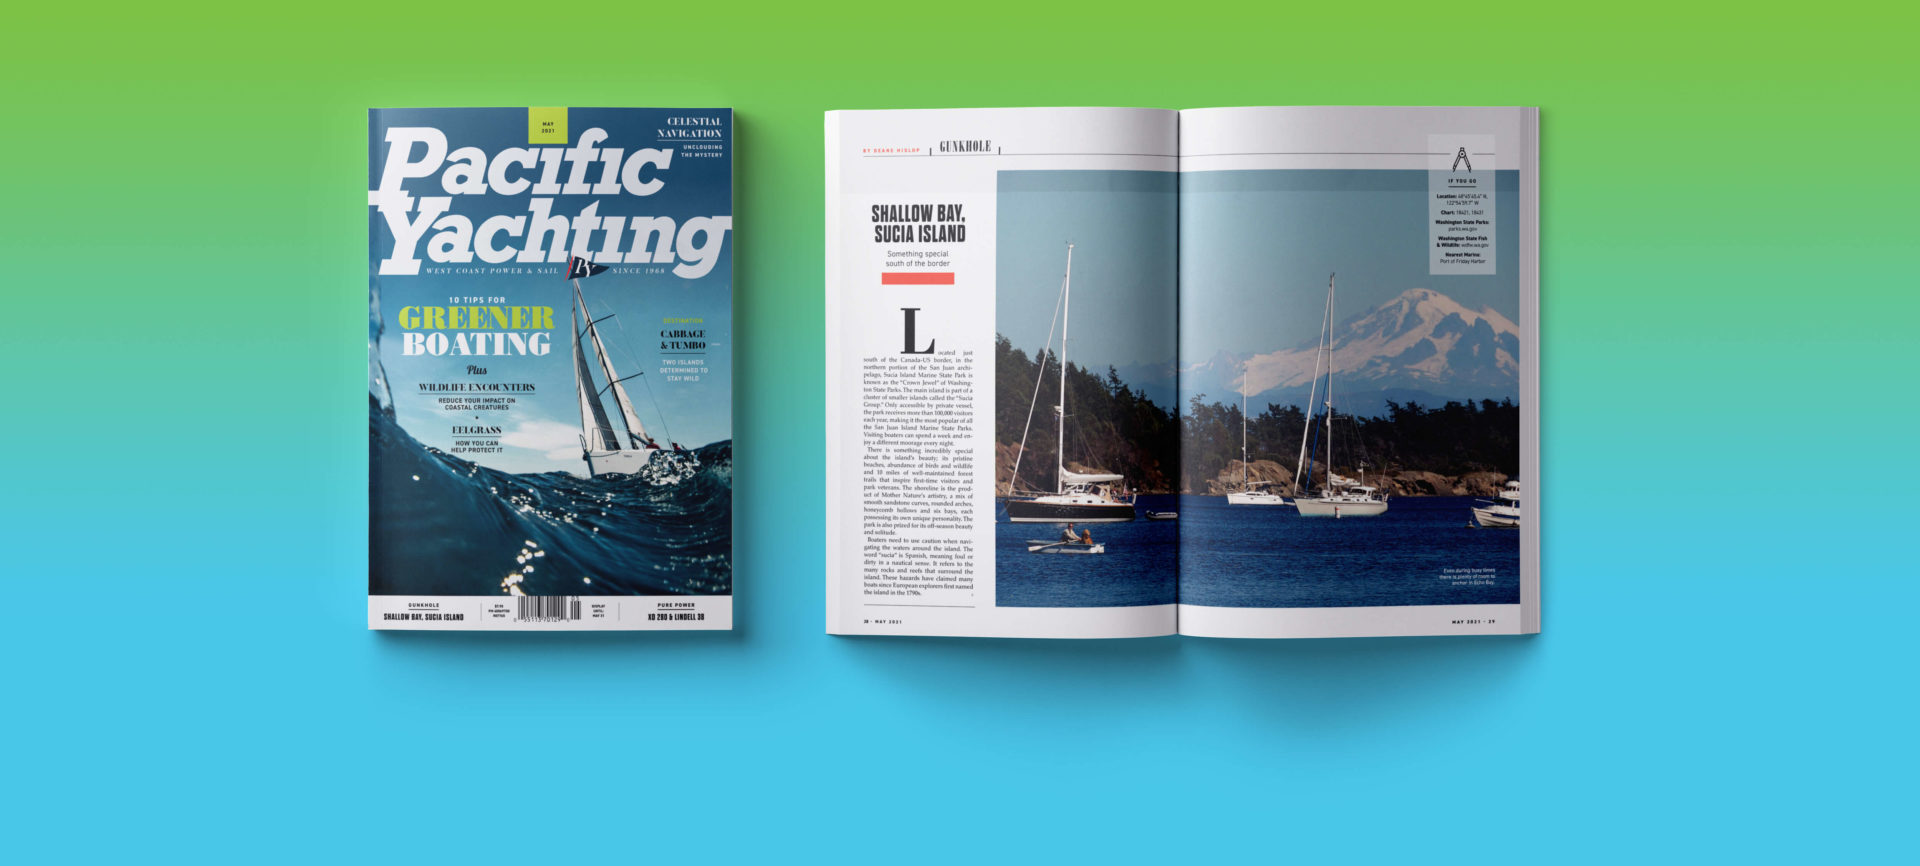 Pacific Yachting magazine